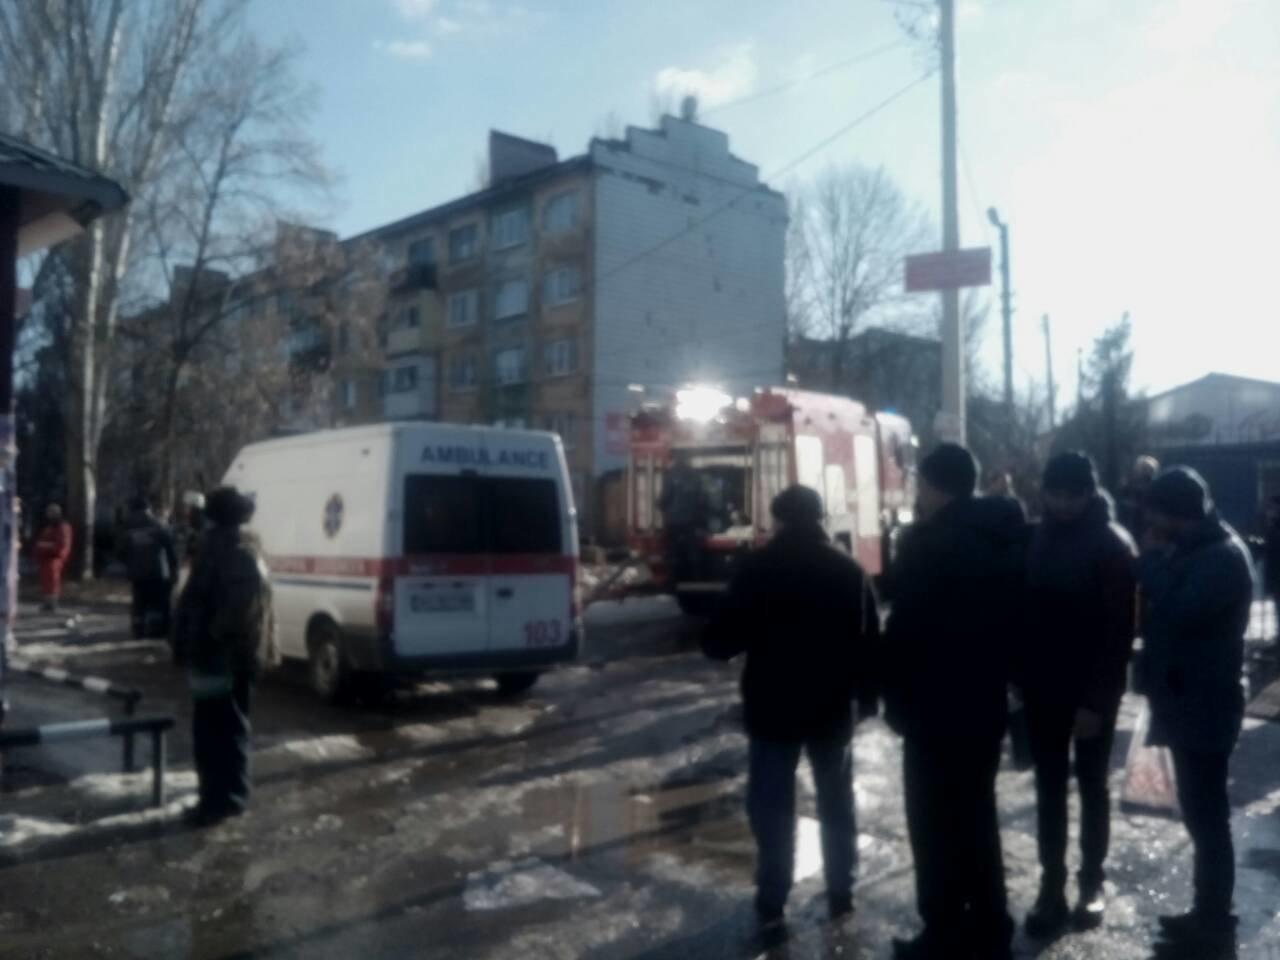 Не загасив цигарку. В Костянтинівці сталася пожежа на бульварі Космонавтів, фото-1